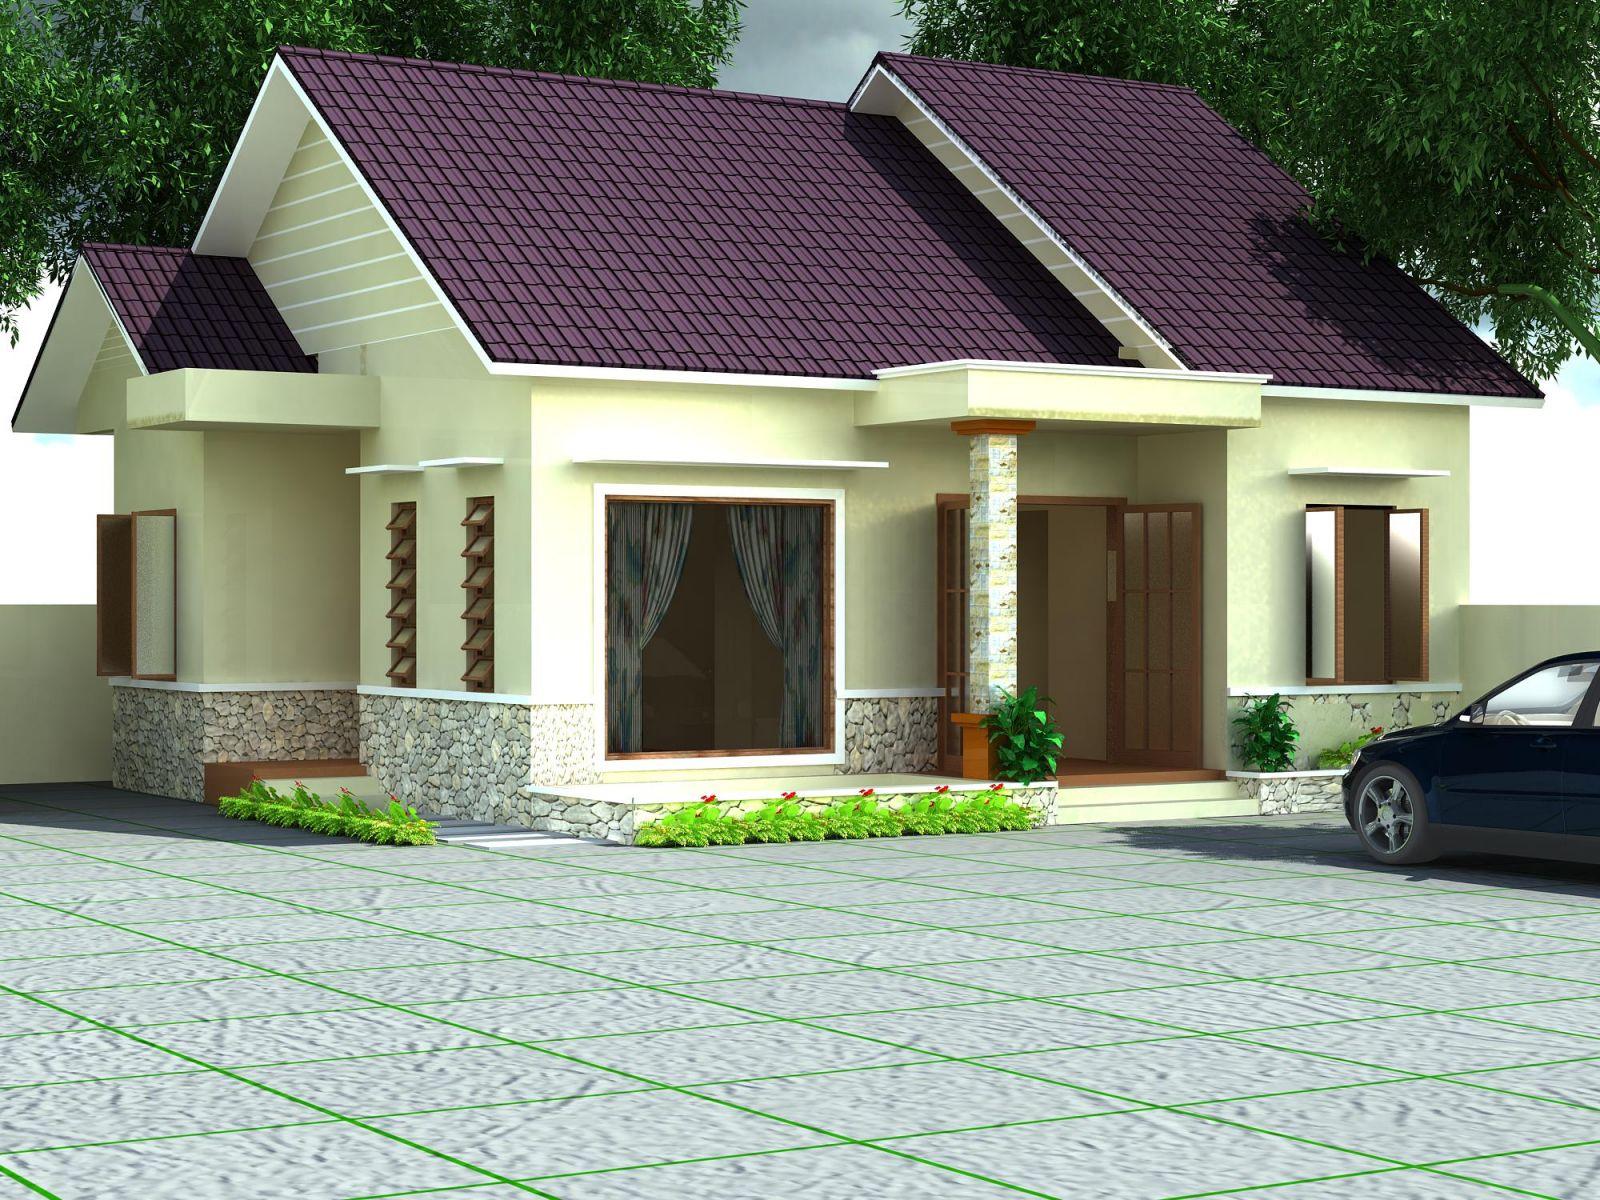 Để tiết kiệm chi phí khi xây nhà, gia chủ có thể lựa chọn đồ dùng nội thất bằng vật liệu nhân tạo hoặc gỗ công nghiệp